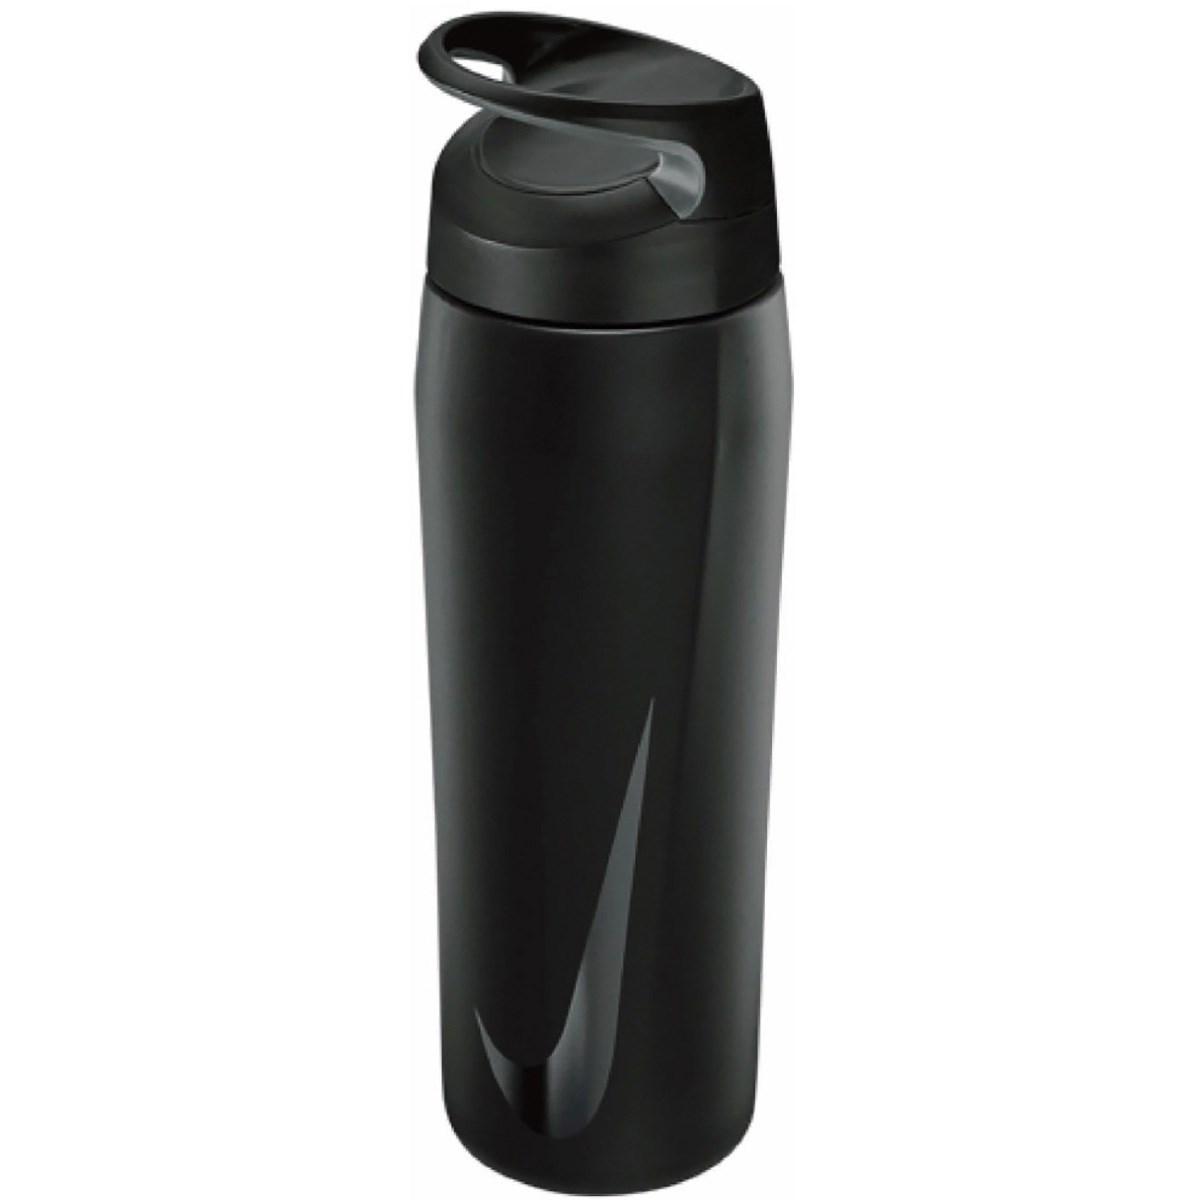 ナイキ(NIKE) ハイパーチャージ 24oz ツイストボトル